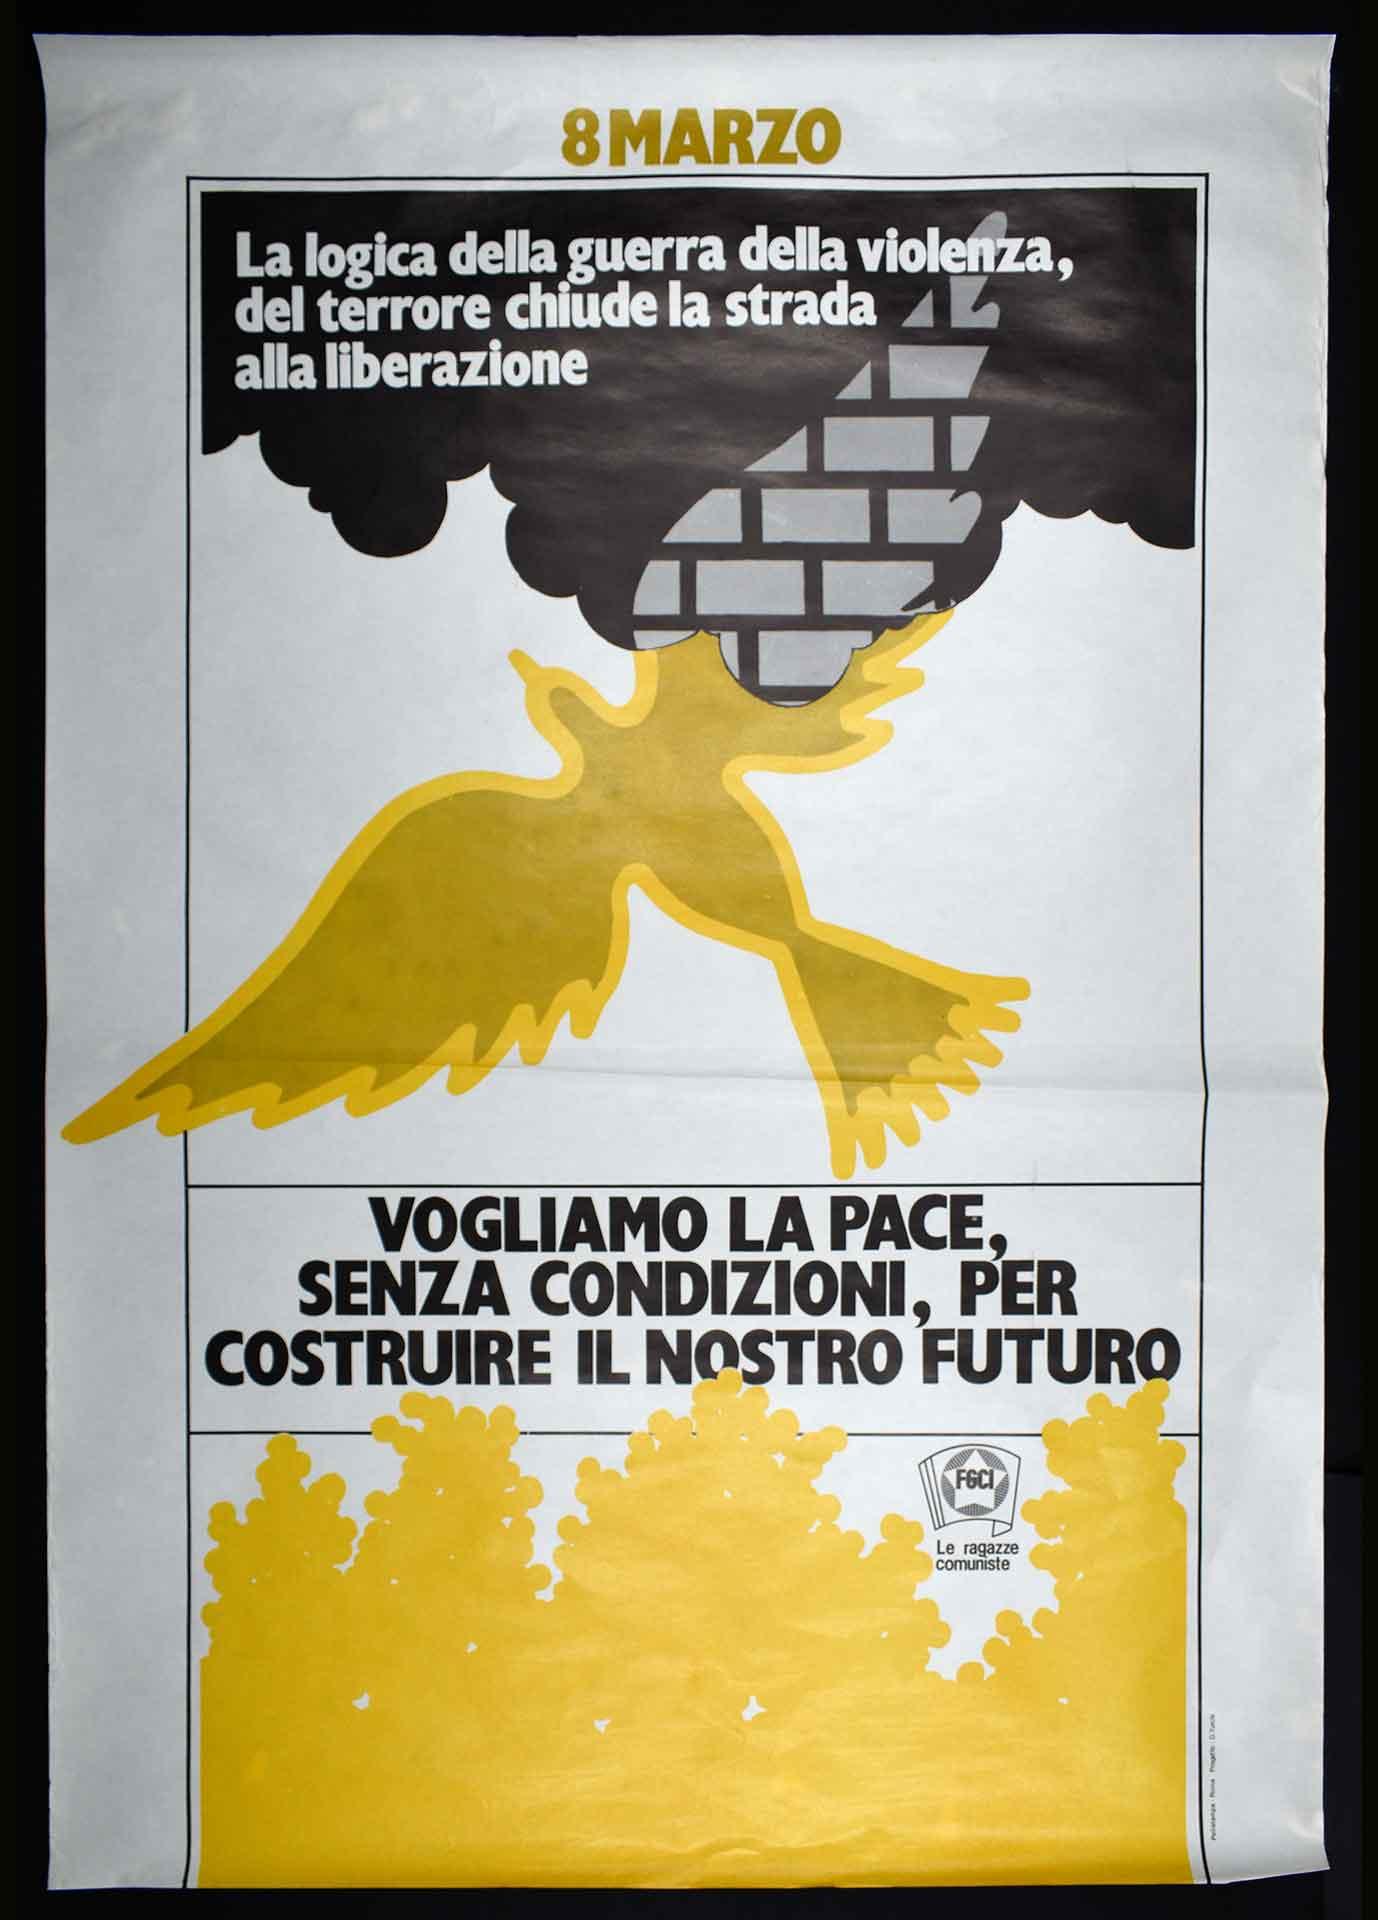 1970-1980. Le ragazze comuniste della Federazione giovanile comunista italiana (FGCI) per la giornata della donna. Stampa Polistampa, Roma. Progetto di D. Turchi. Movimento femminista.